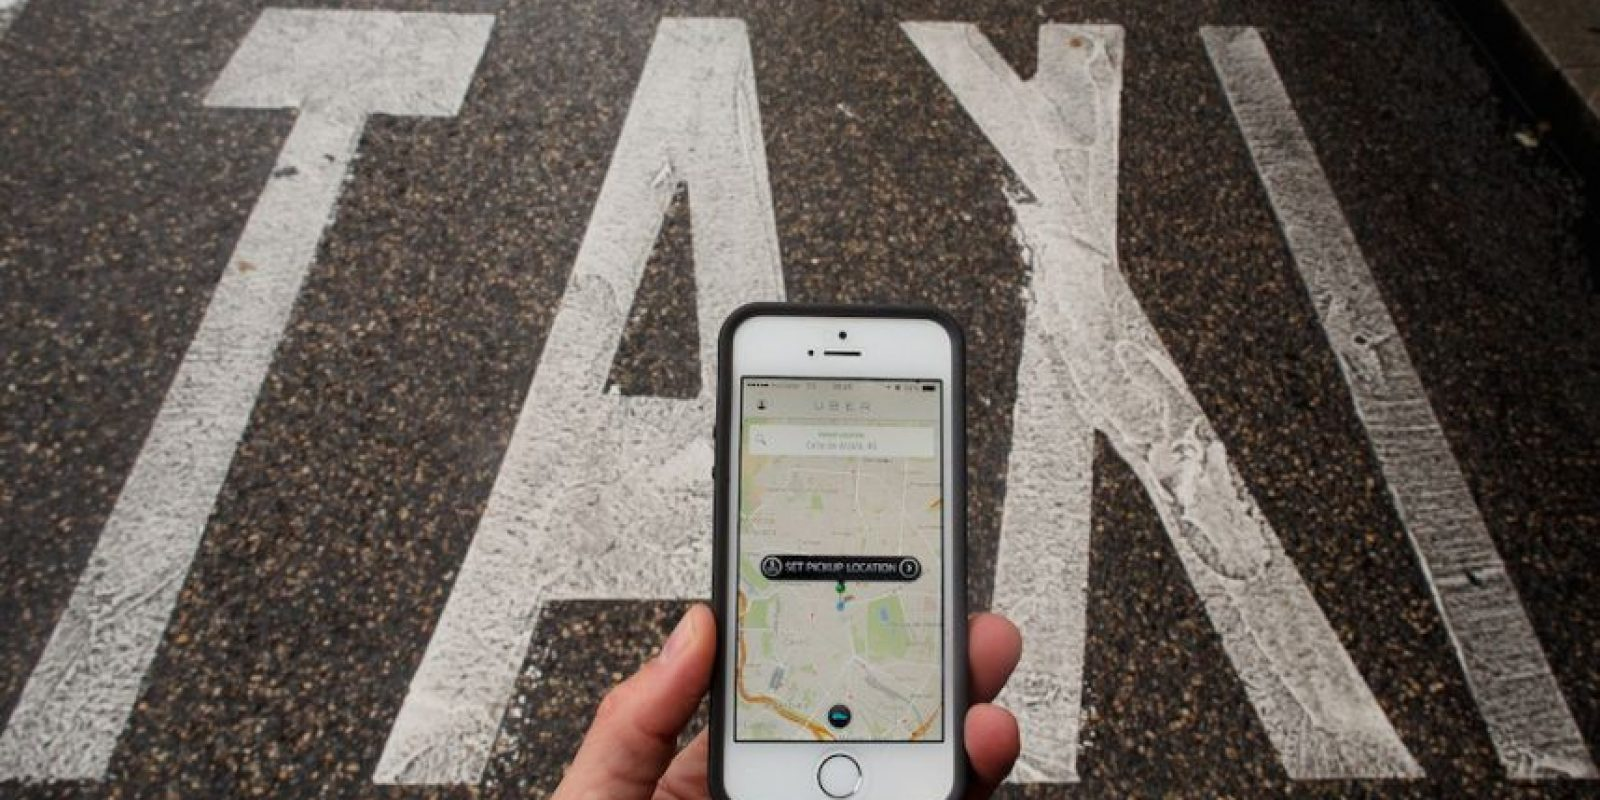 Está disponible en 311 ciudades de 57 países por lo que el transporte no será un problema. Foto:Uber